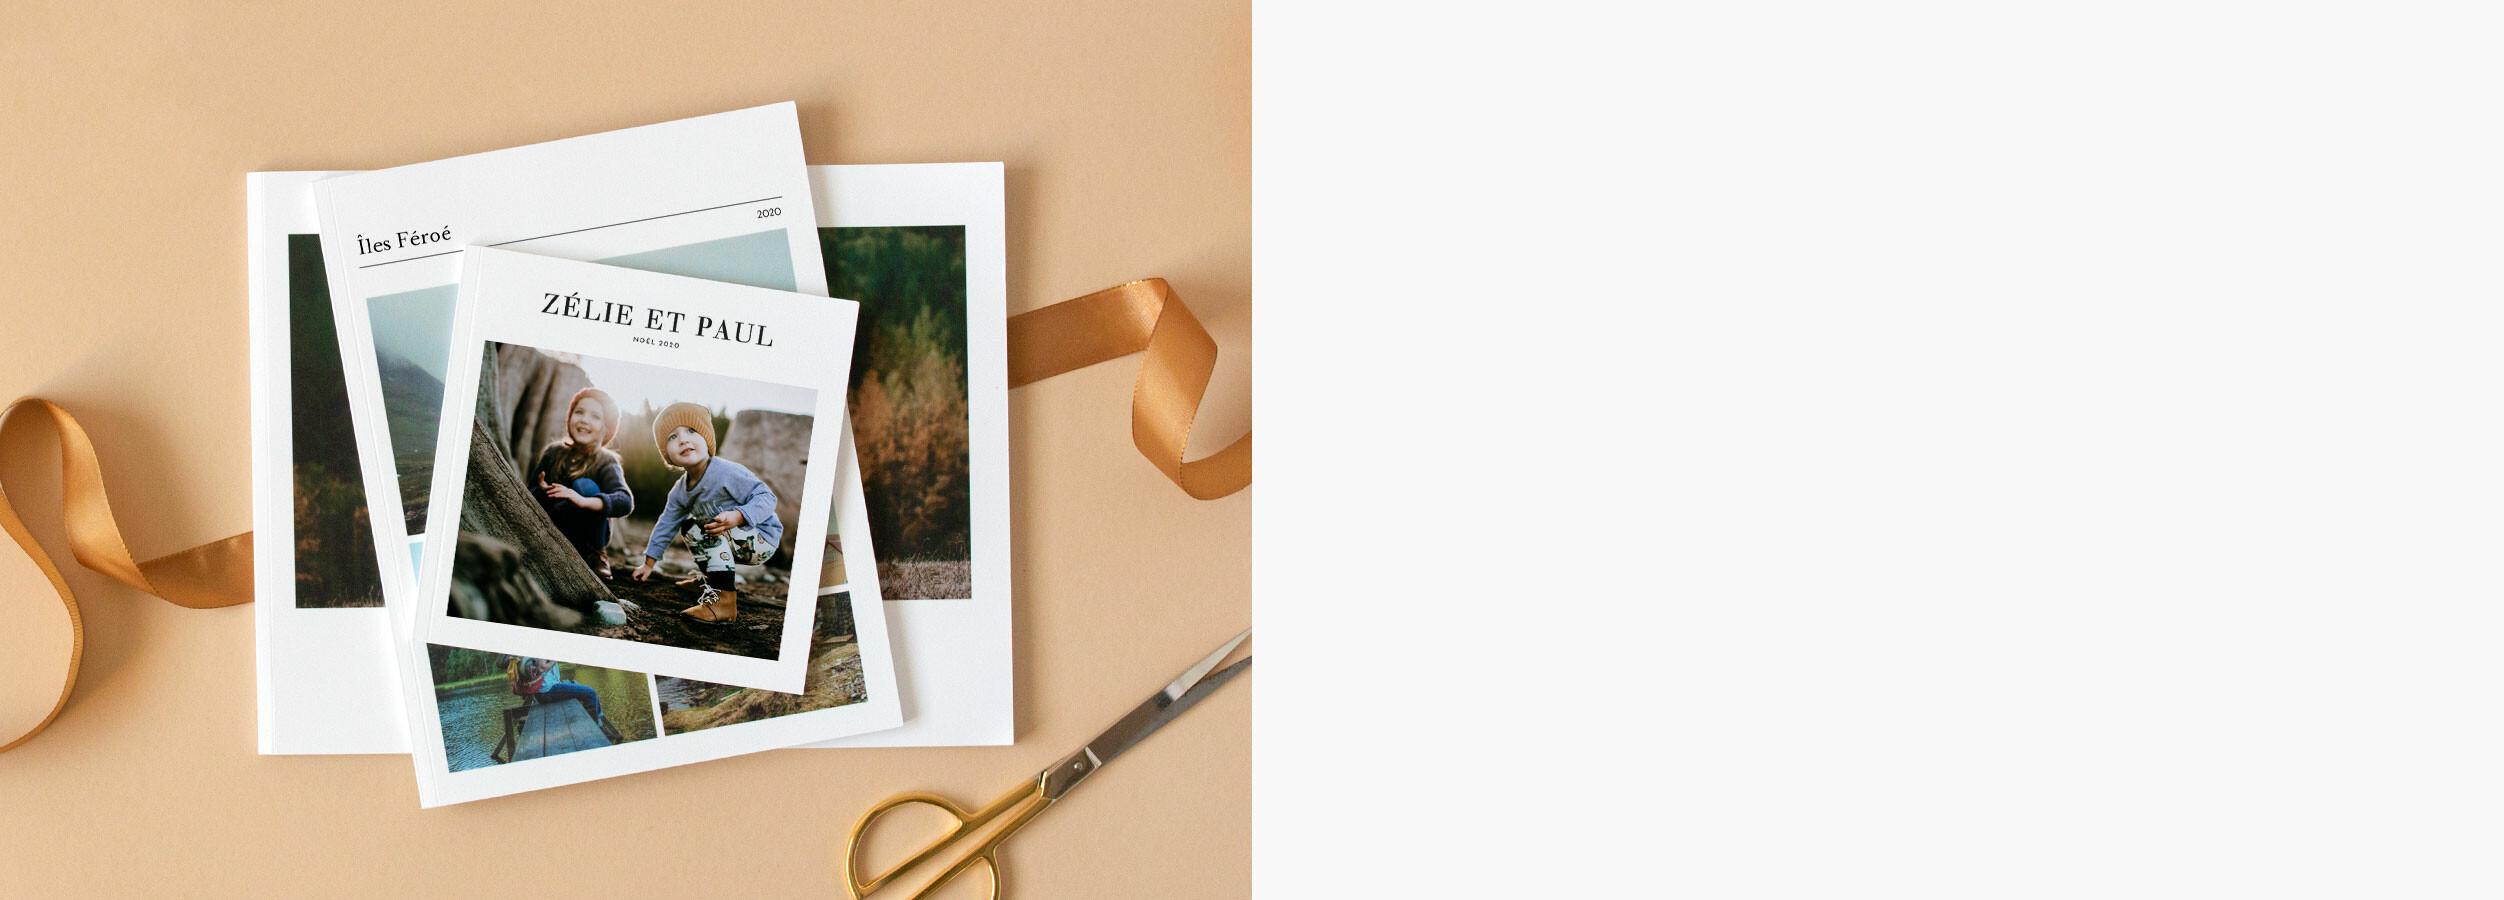 Album photo Rosemood couverture souple